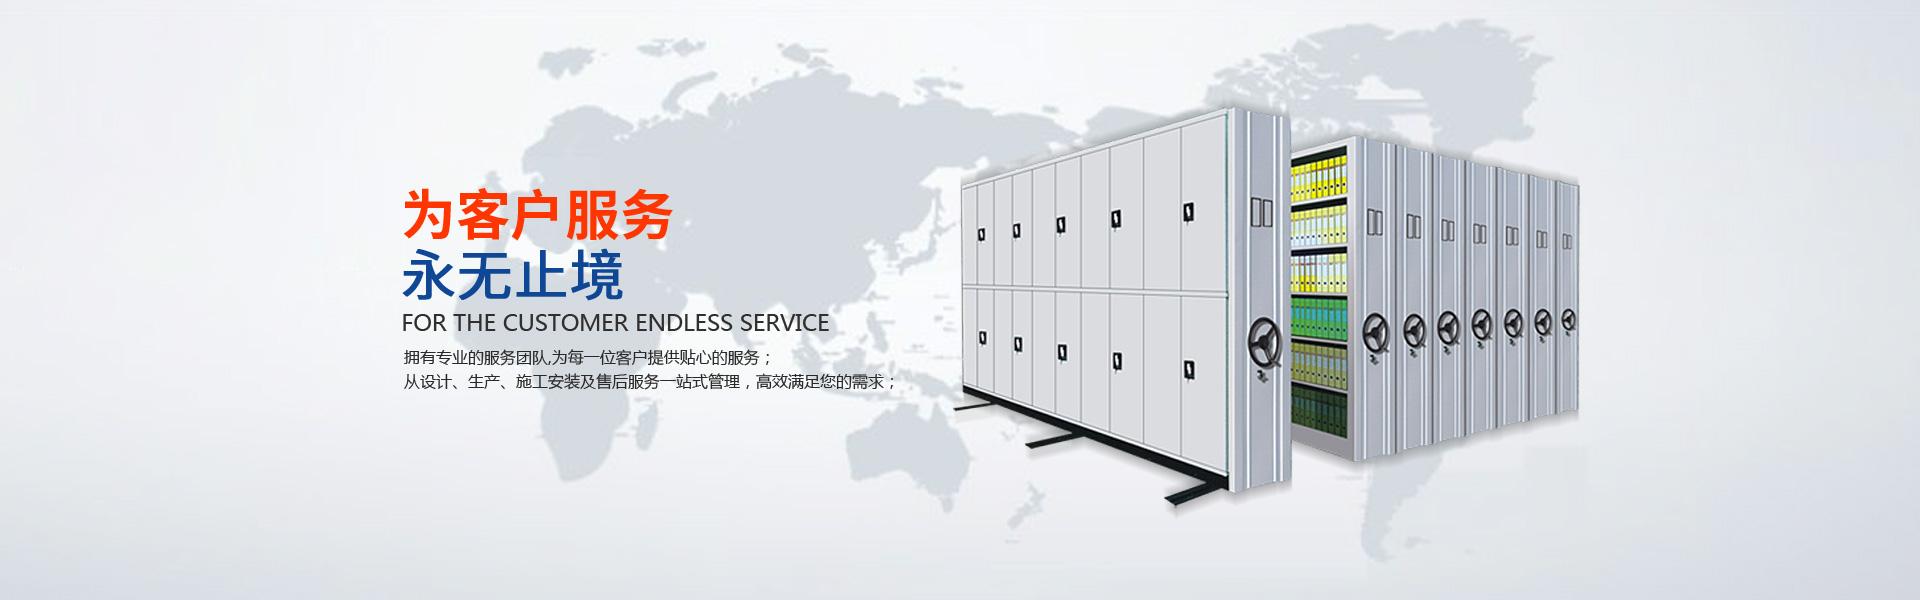 专注办公家具制造,打造xing业高标准。